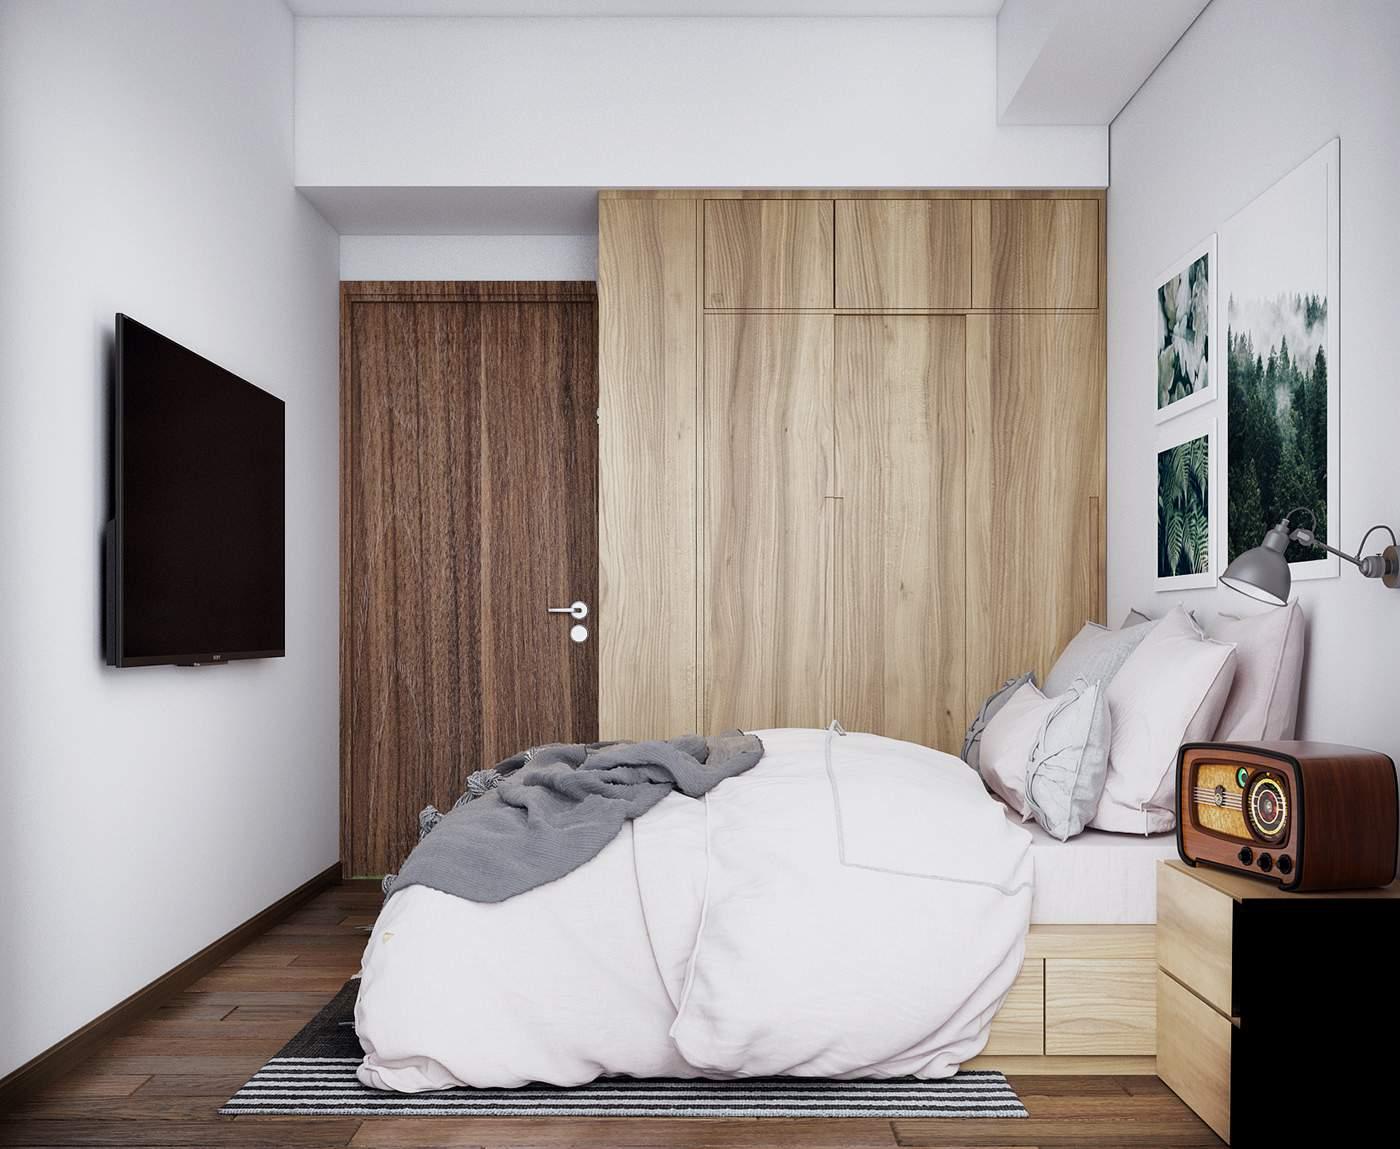 Thiết kế nội thất phòng ngủ nhỏ đẹp